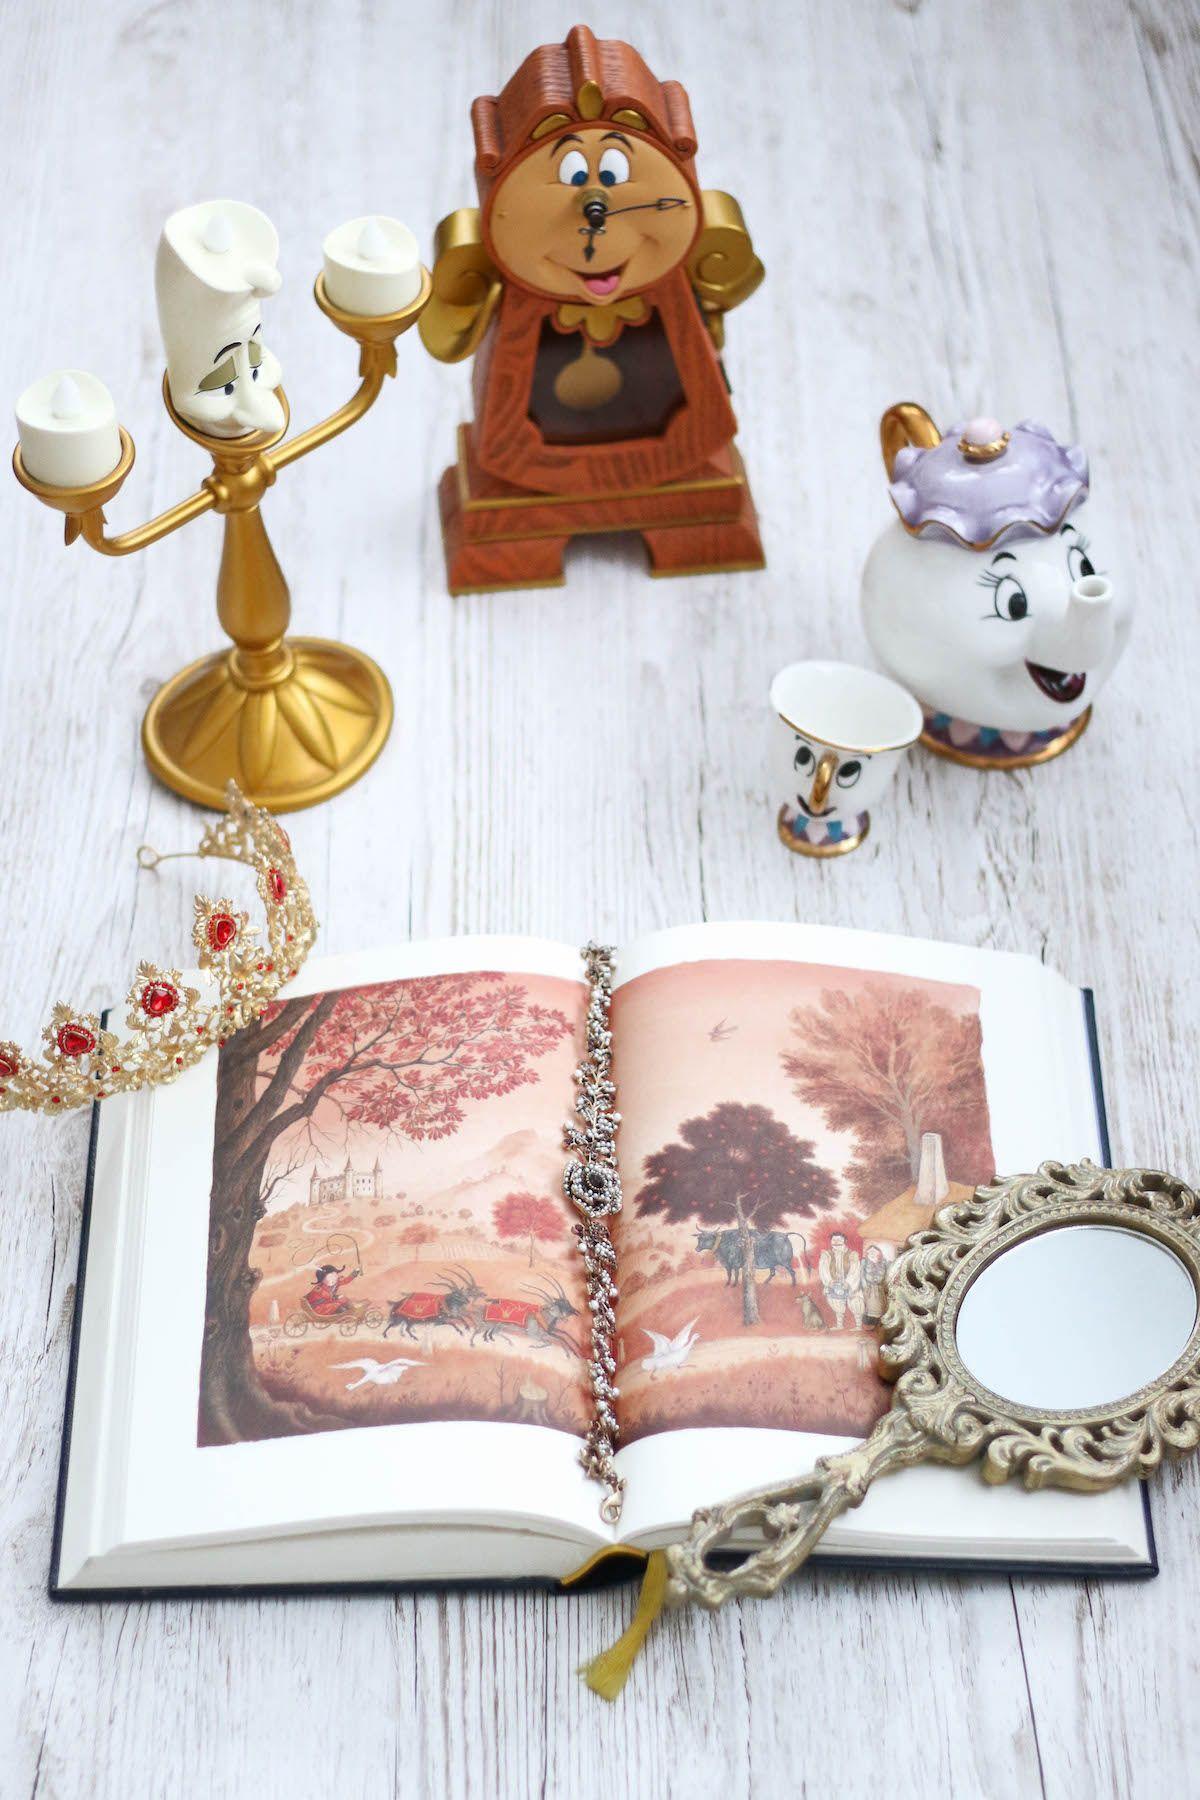 schöne bilder kaufen disney die schöne und das biest figuren kaufen dekoration